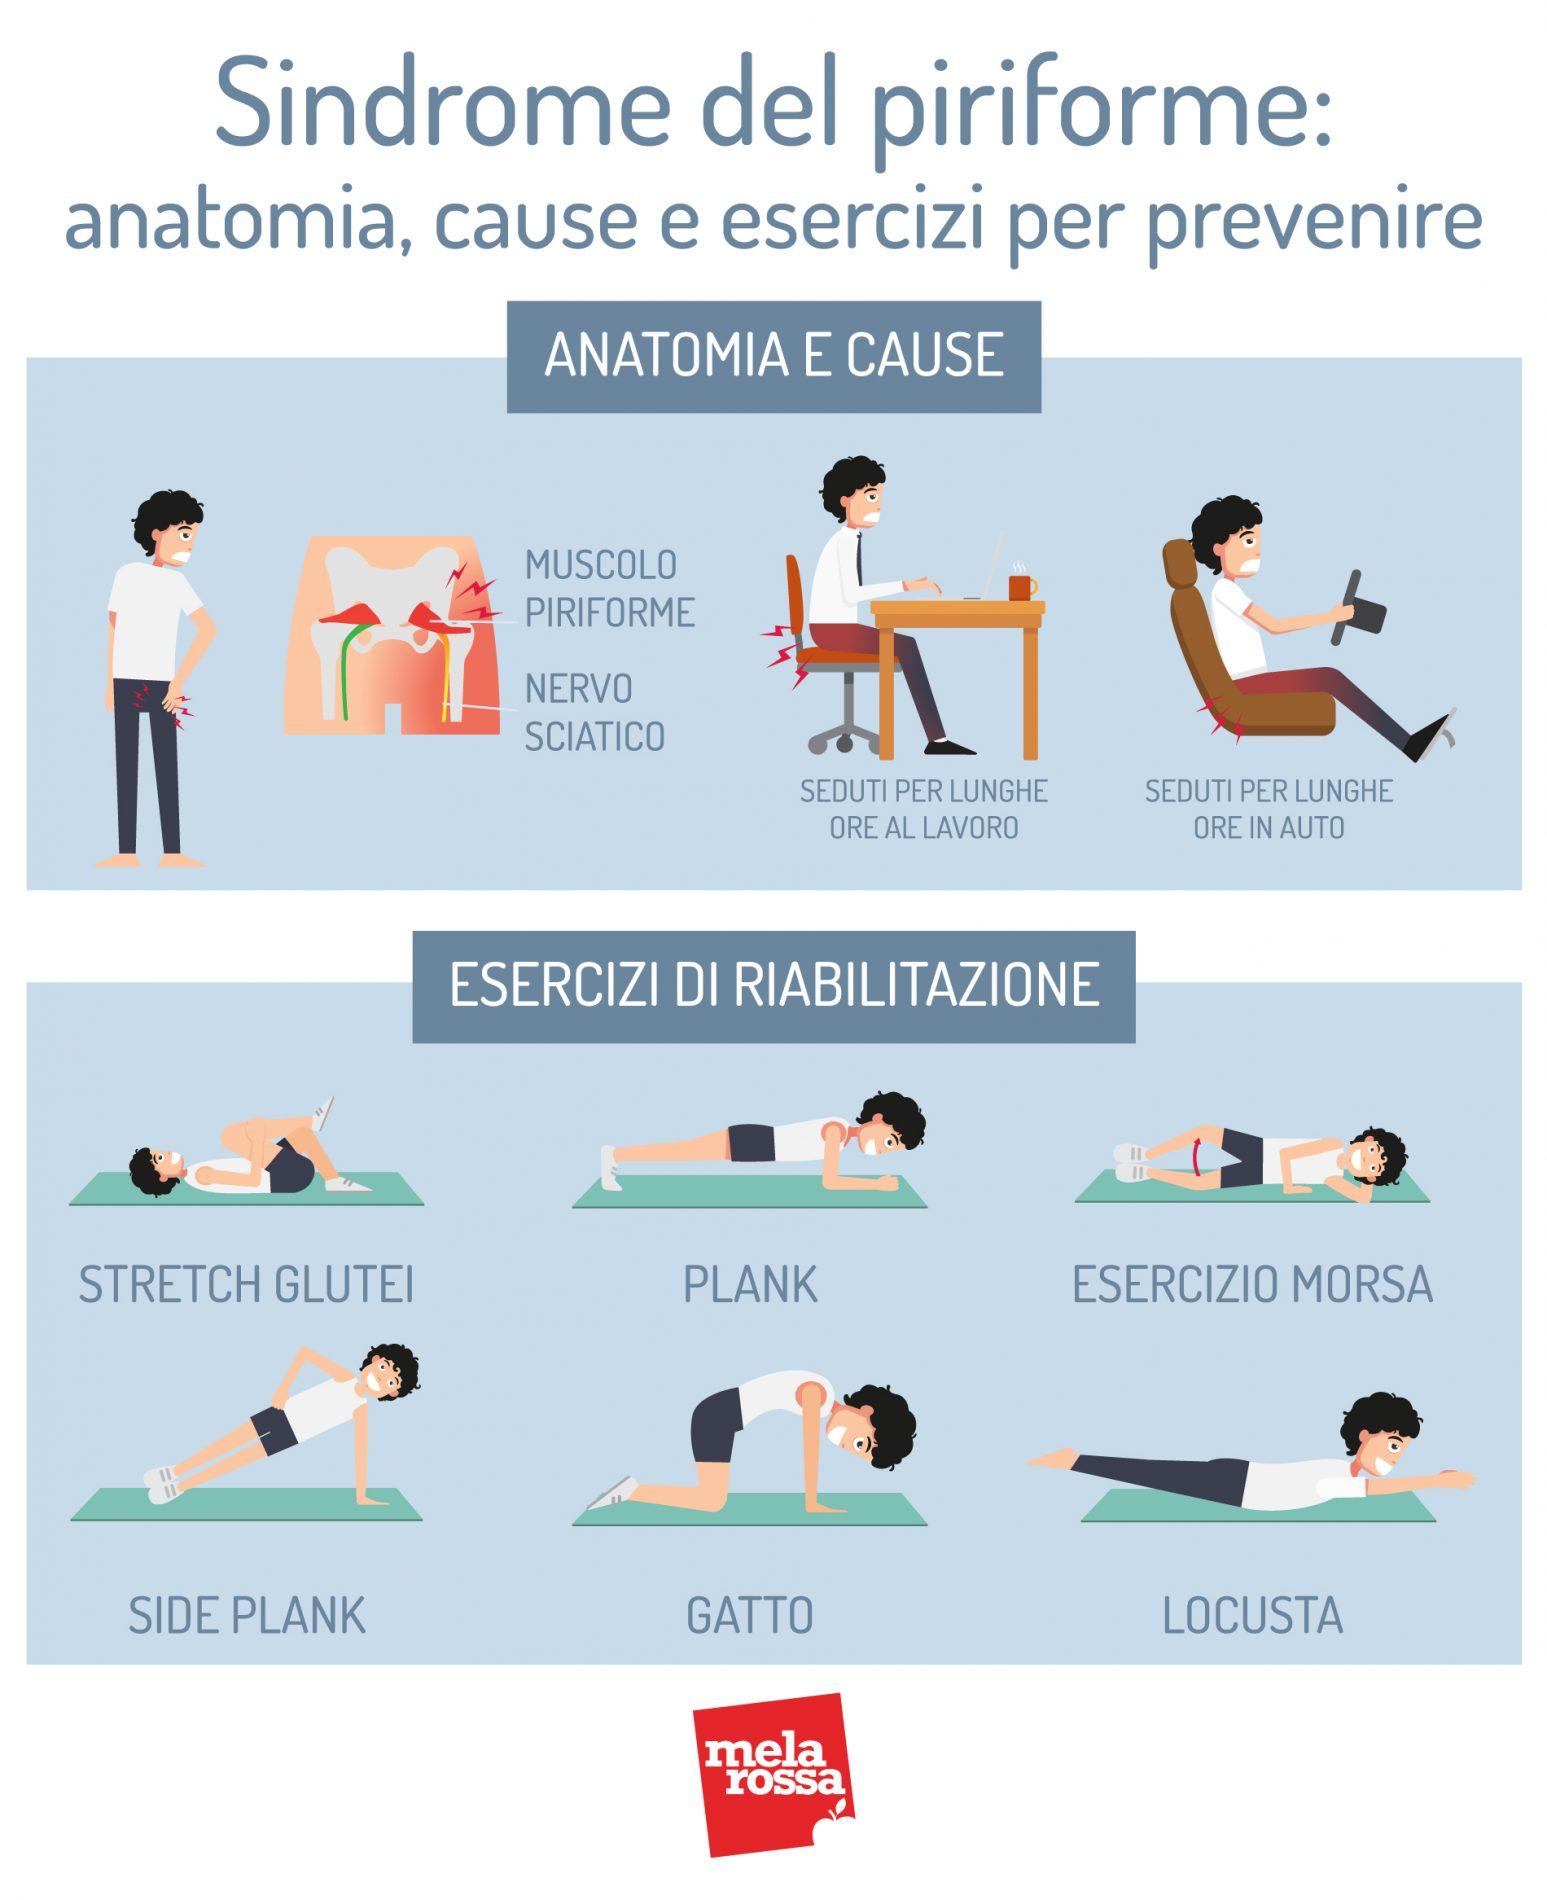 síndrome piriforme: anatomía, causas y ejercicios